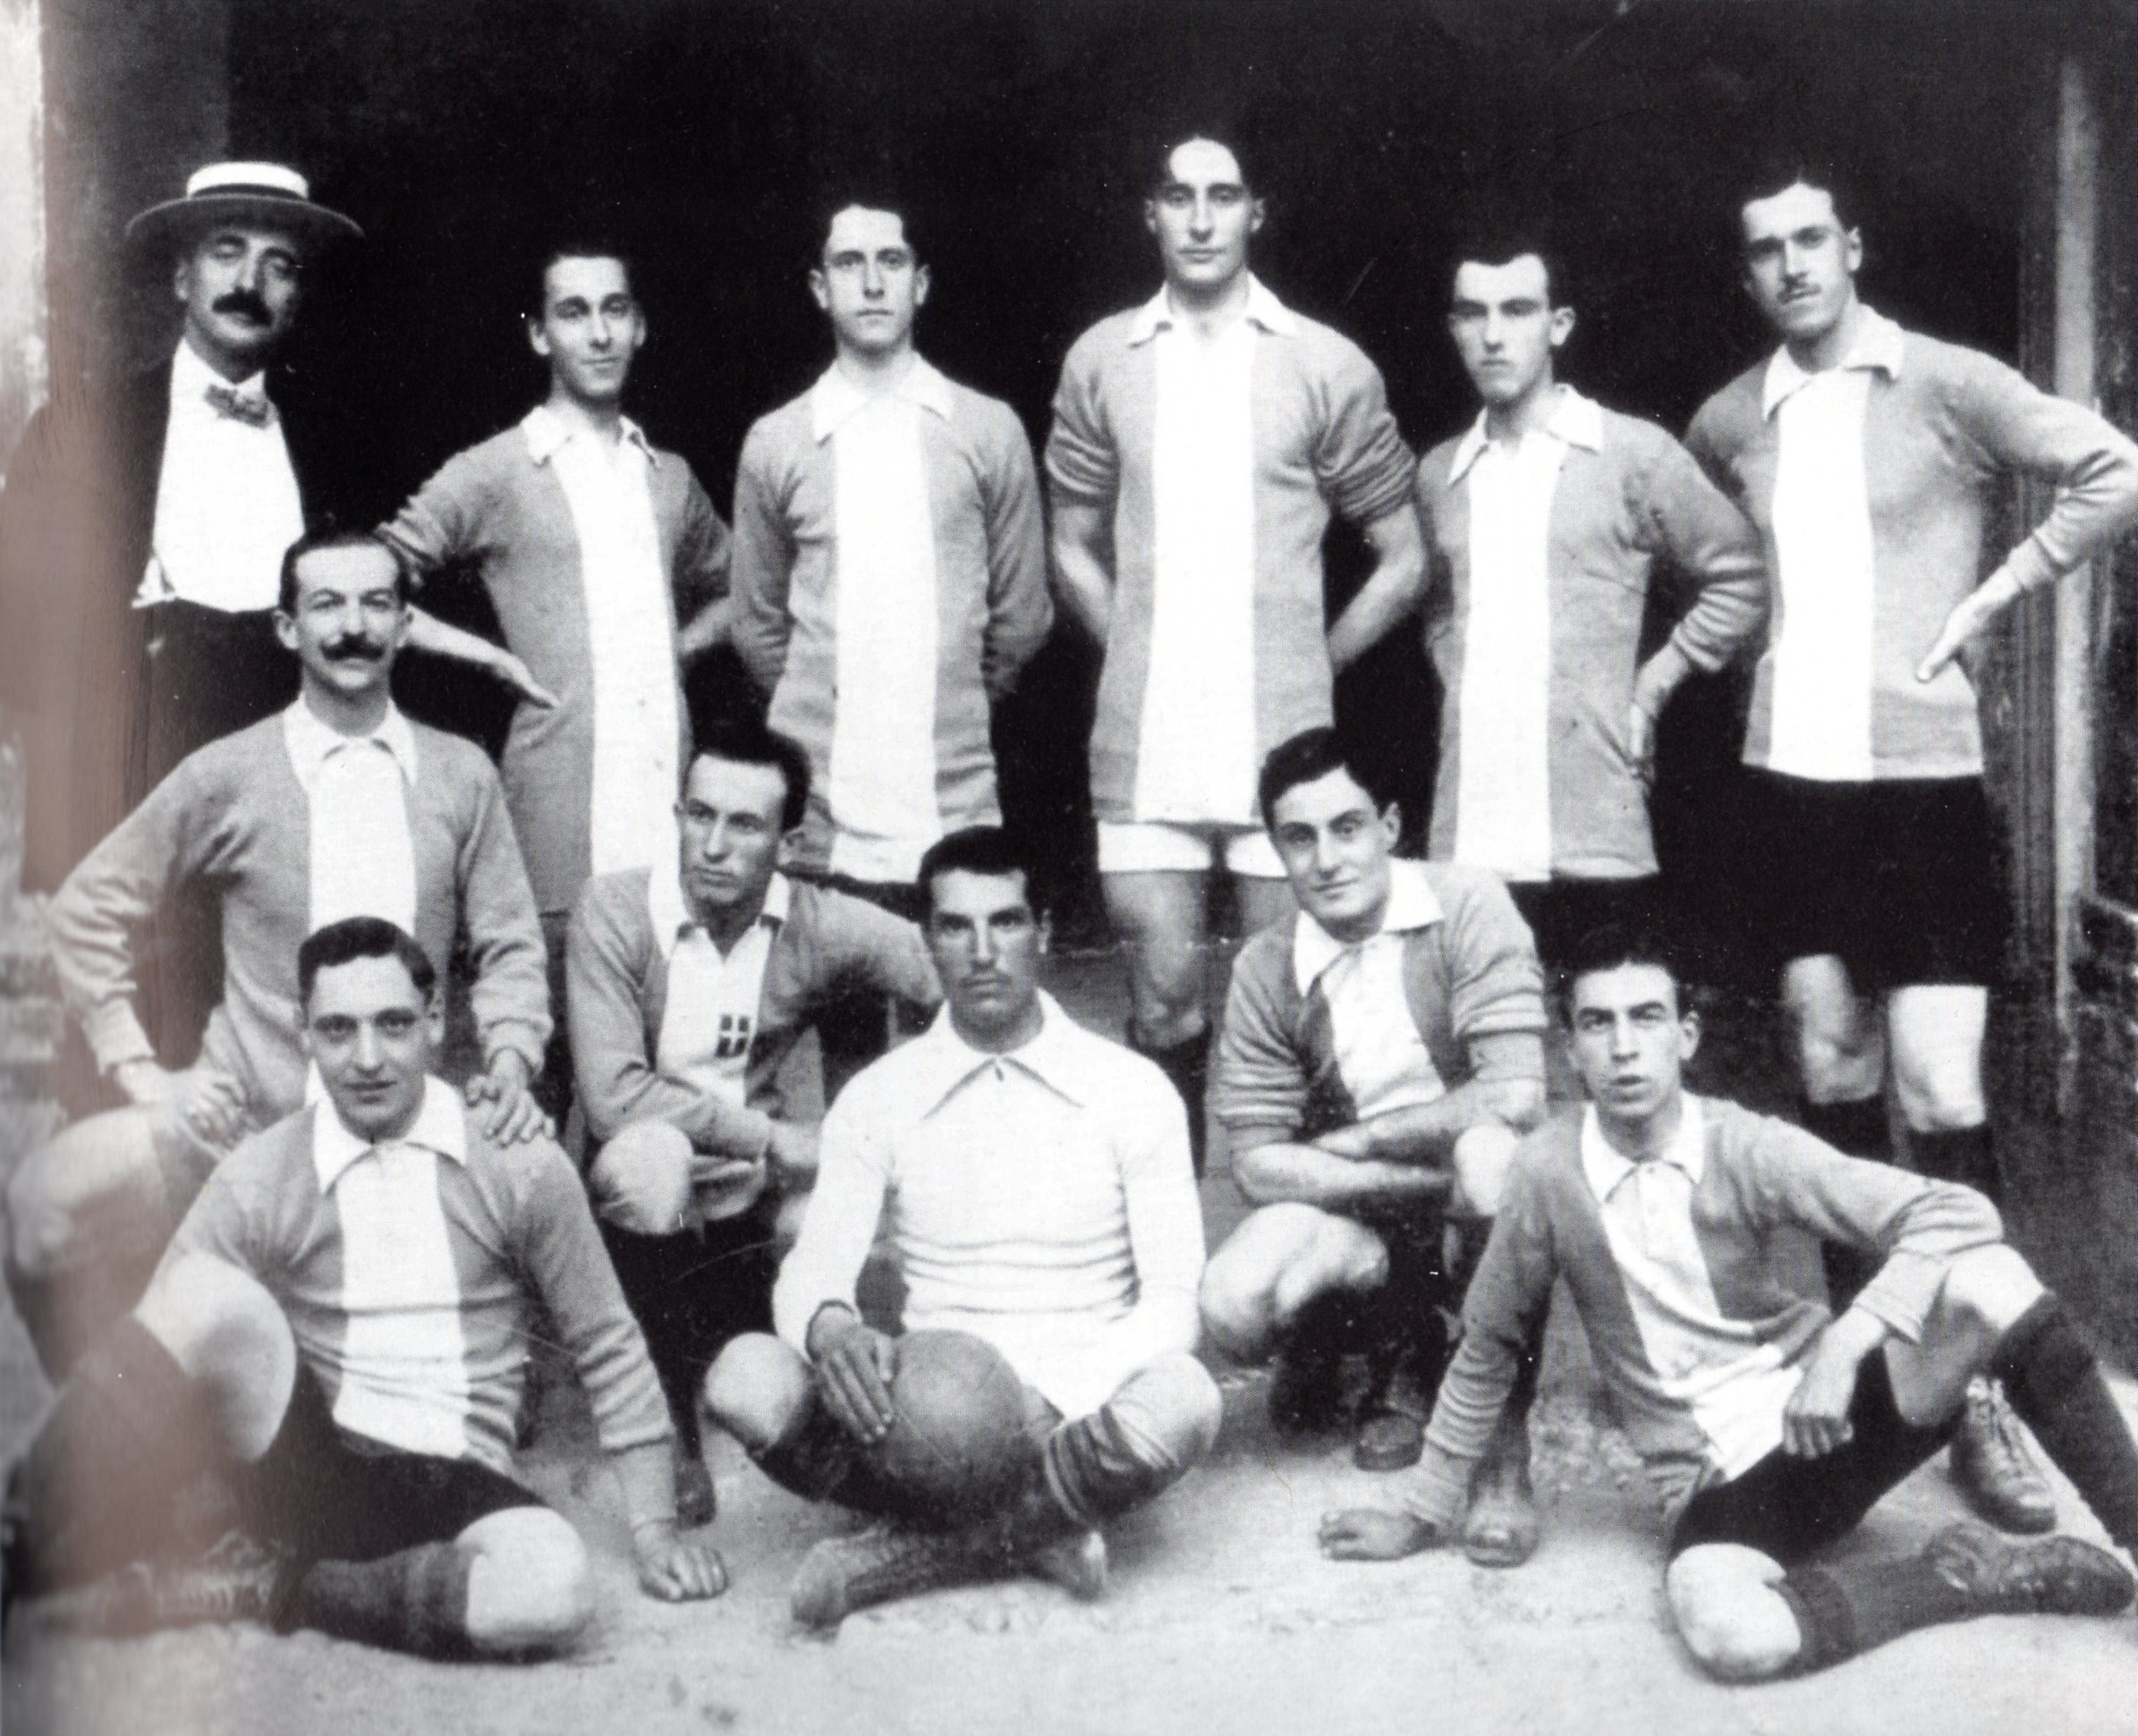 """1912 - Nasce, o meglio rinasce, il calcio in Alessandria, poichè non tutti sanno che una squadra, l'Unione Pro Sport, vinse a Genova, nel 1897, l'ultimo torneo prima che questo diventasse ufficialmente l'attuale campionato della massima serie. La squadra qui in posa è la sezione calcistica della Società ginnica """"Forza e Coraggio"""". Questa la formazione: da sinistra in alto, in borghese, Enrico Badò (general manager), Tosini, Ricci II, Viazzi, Formini, Ricci I; accosciati, Alfredo Ratti, Savoiardo, Migliardi; seduti, Rossanigo, Ghezzi, Prato.  Da allora, la lunga linea grigia tracciata con tanta forza e tanto coraggio non si è mai interrotta ma ai giorni nostri sembra essere un pò tutto affievolito."""